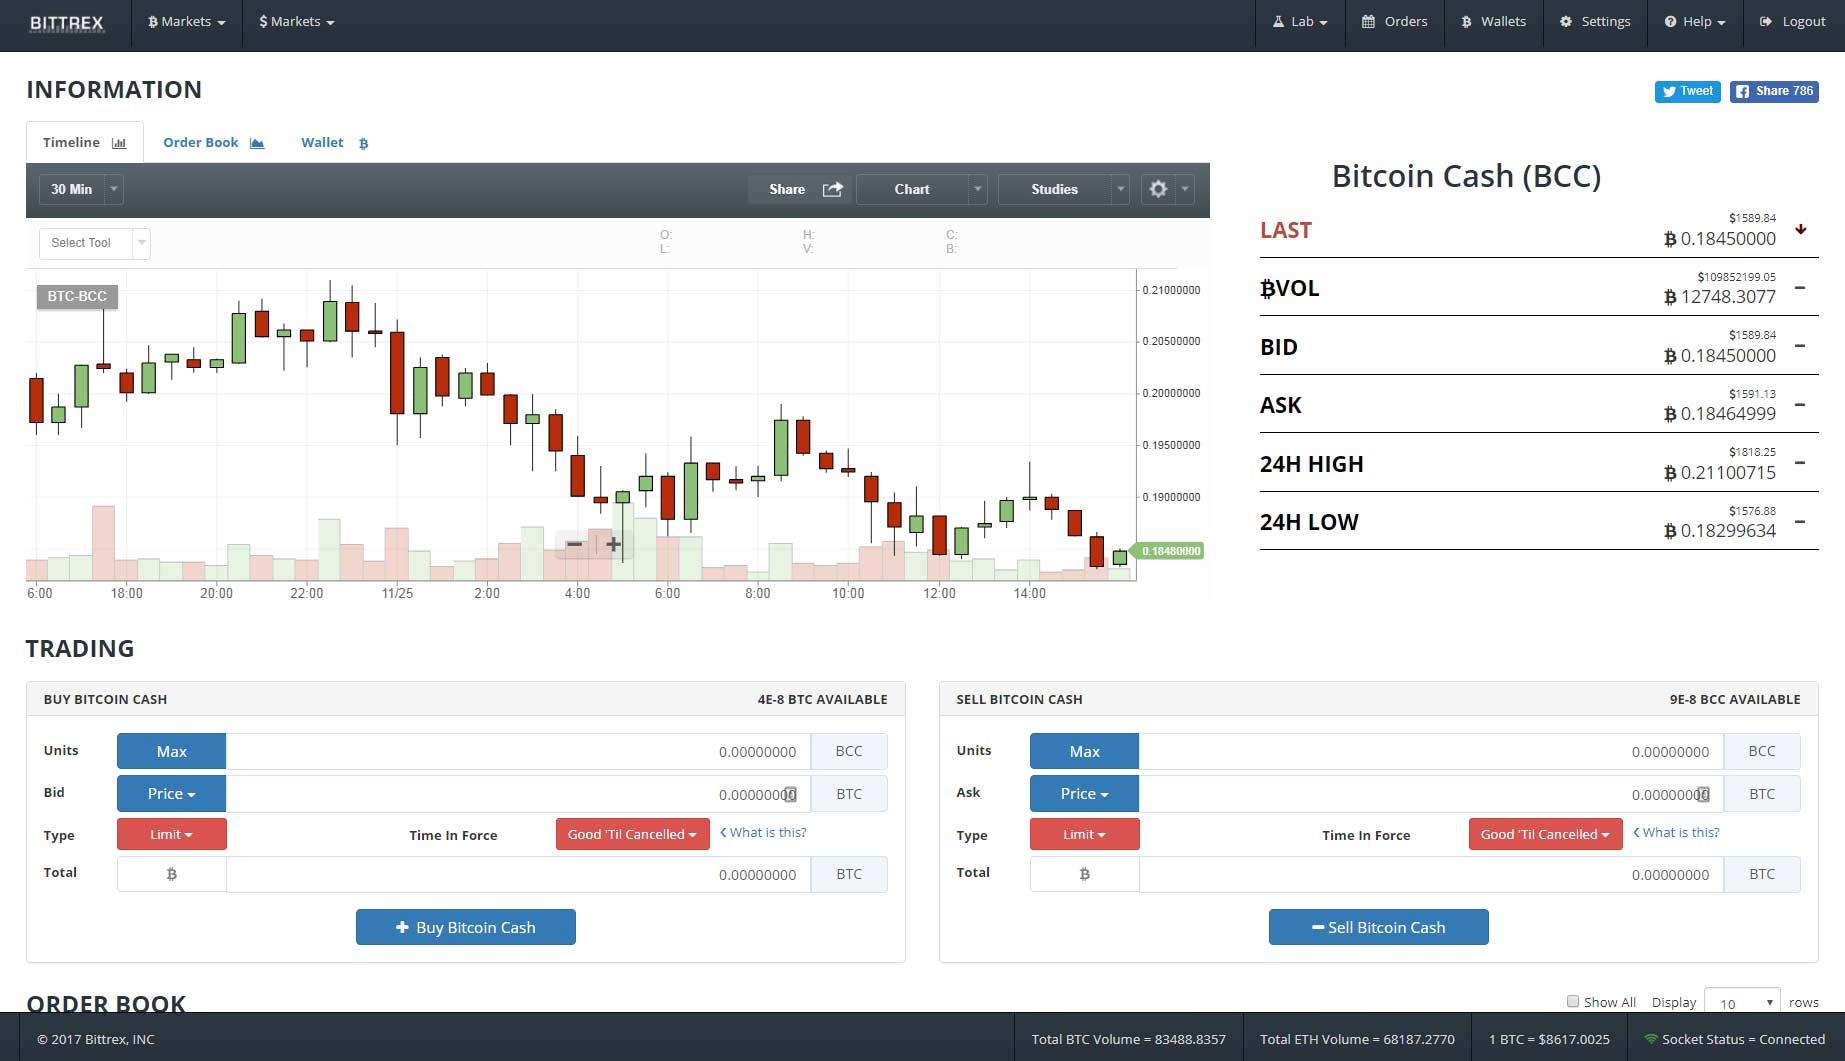 Битрикс (Bittrex) биржа криптовалют: официальный сайт, отзывы